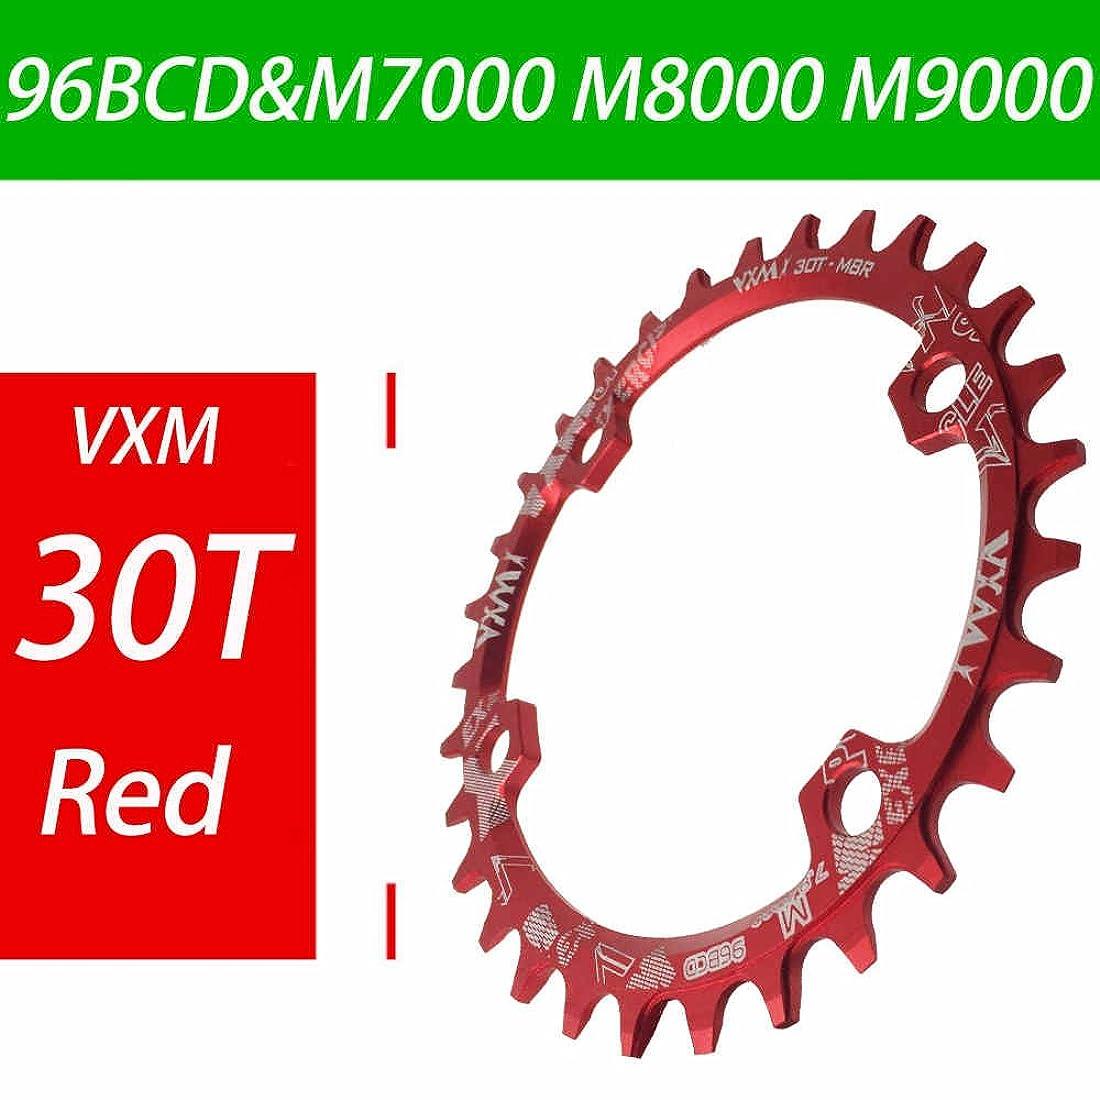 魂しない扱うPropenary - Bicycle 96BCD Crank 30T Chainwheel Aluminum Alloy Round Chain ring Chainwheel Road Bicycle Chain ring for M7000 M8000 M9000 [ Red ]